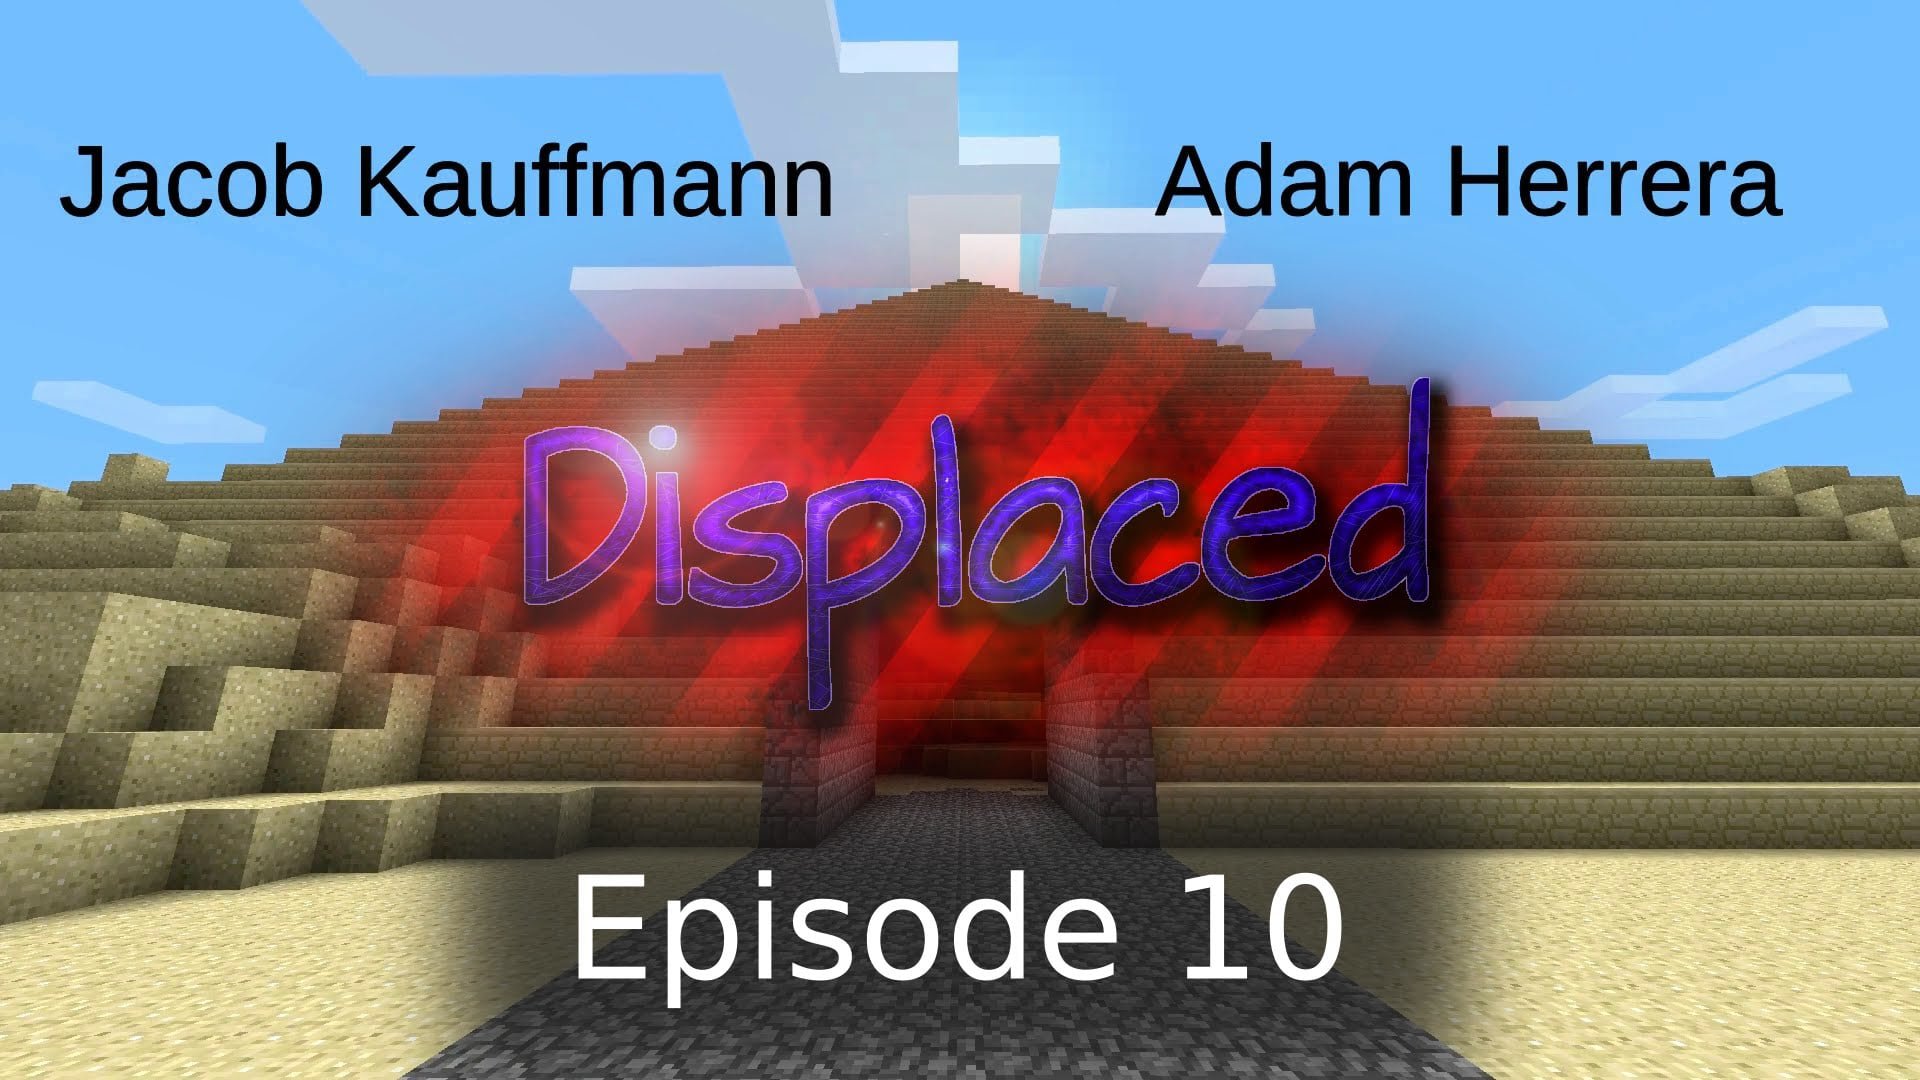 Episode 10 - Displaced